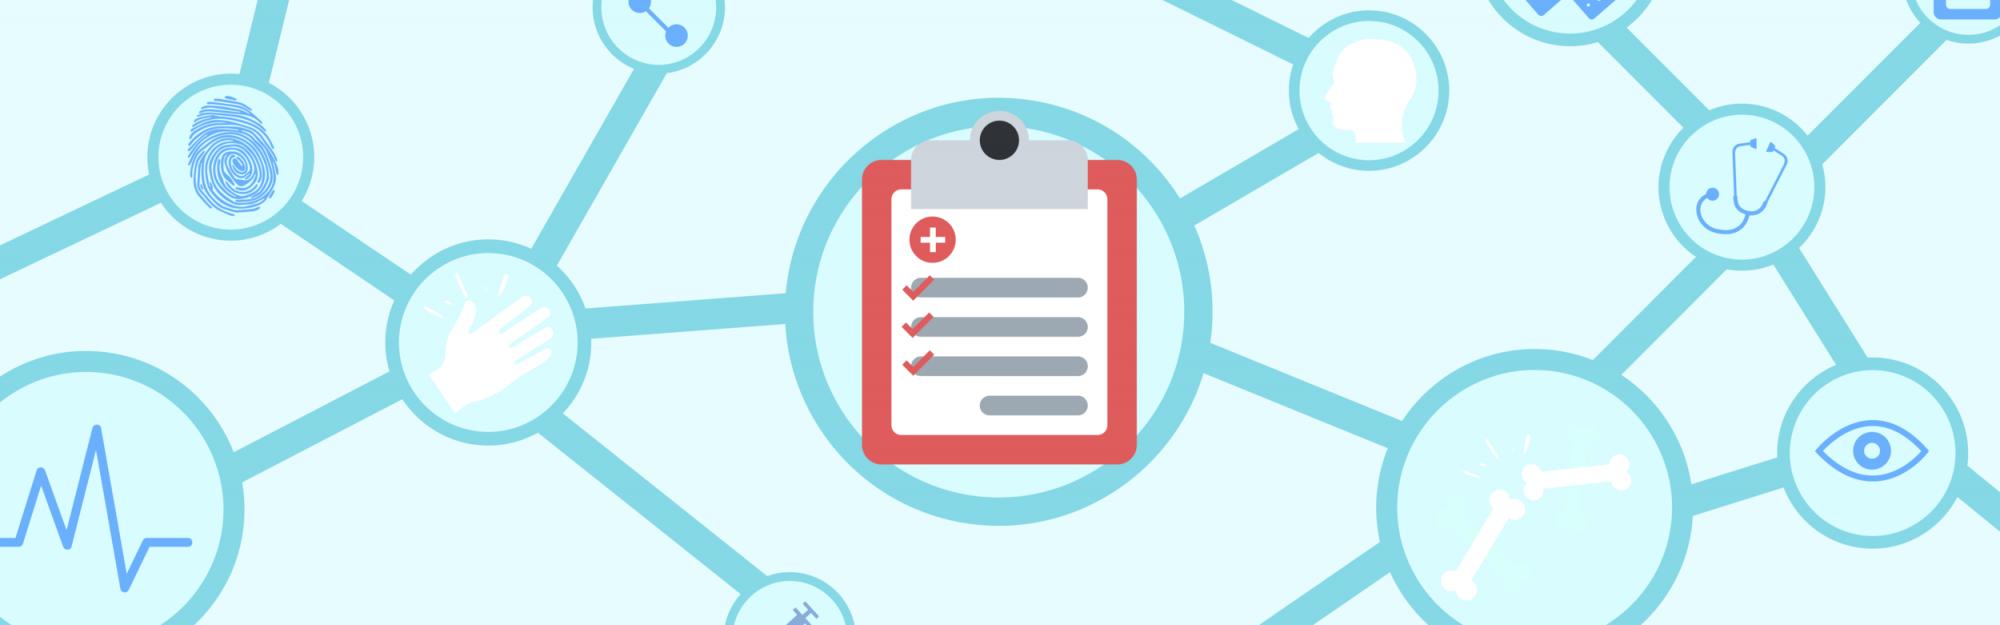 فلوچارت تشخیص و درمان زودهنگام کووید19 ویژه درمانگاههای عمومی غیر دولتی